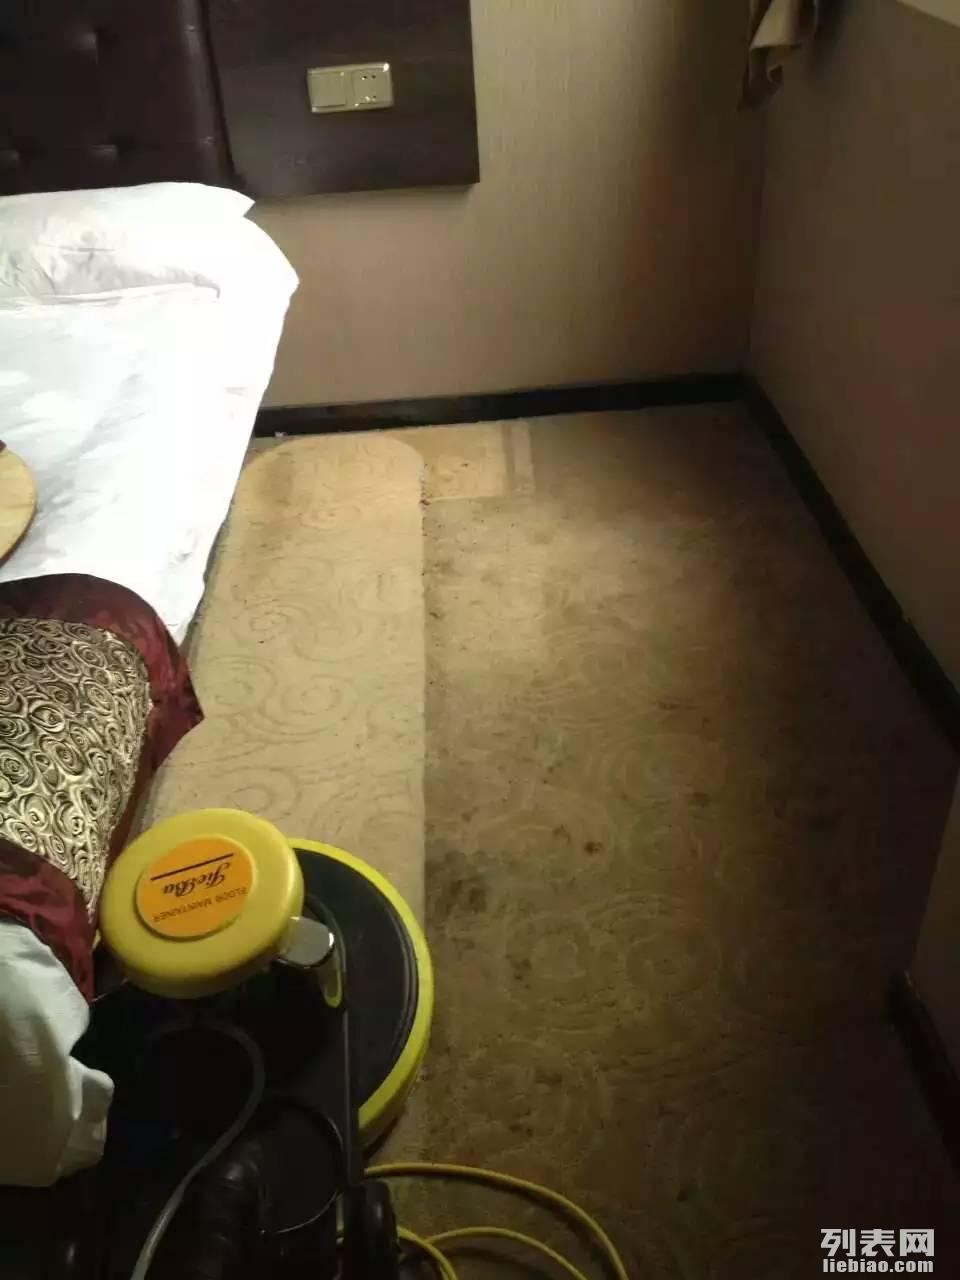 专业清洗:沙发,地毯,窗帘,台布,水塔,水晶灯,餐椅等